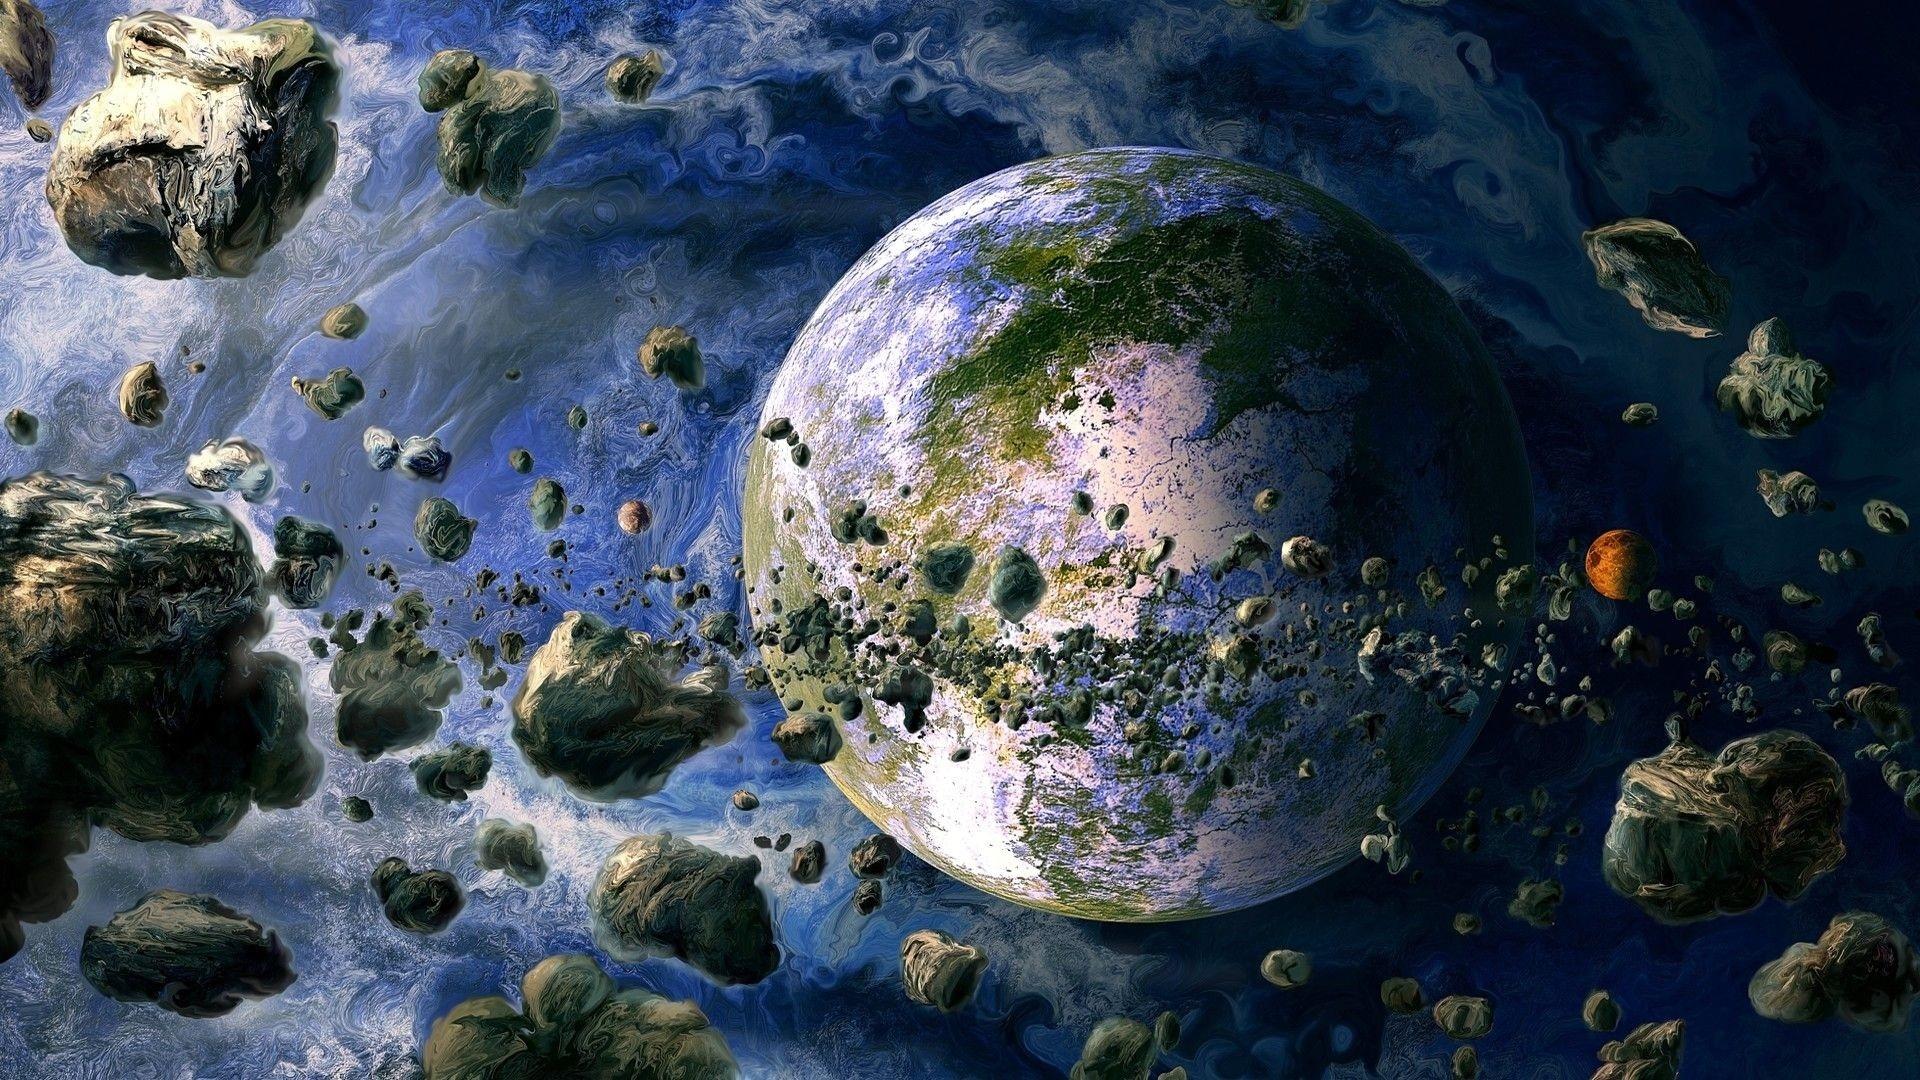 Alien Planet Art desktop wallpaper hd